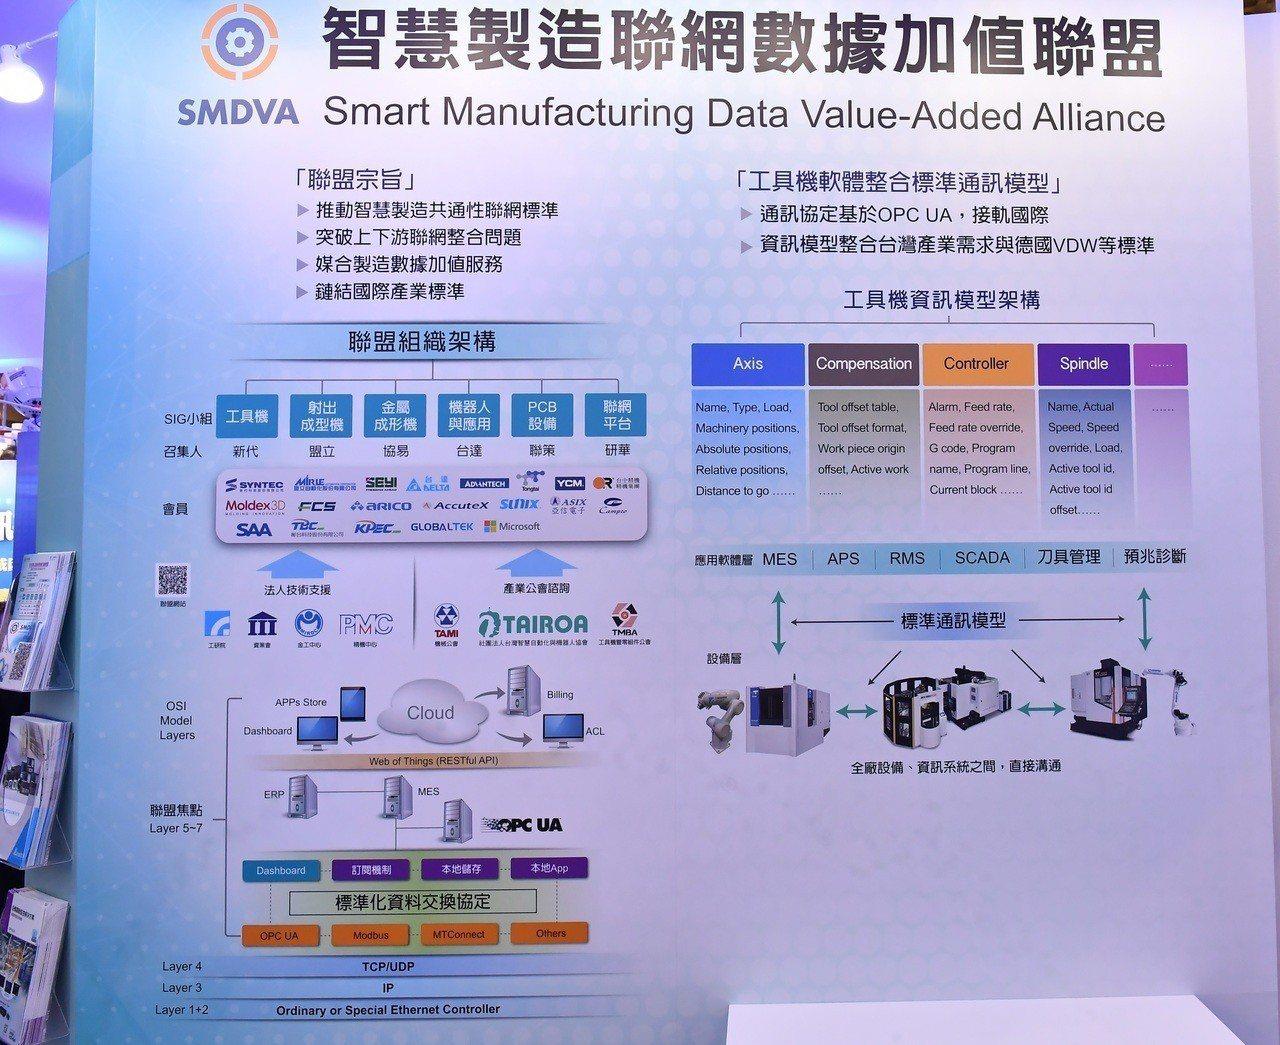 智慧製造聯網數據加值聯盟今日舉行第二屆會員大會及研討會,發表「智能化工具機軟體整...